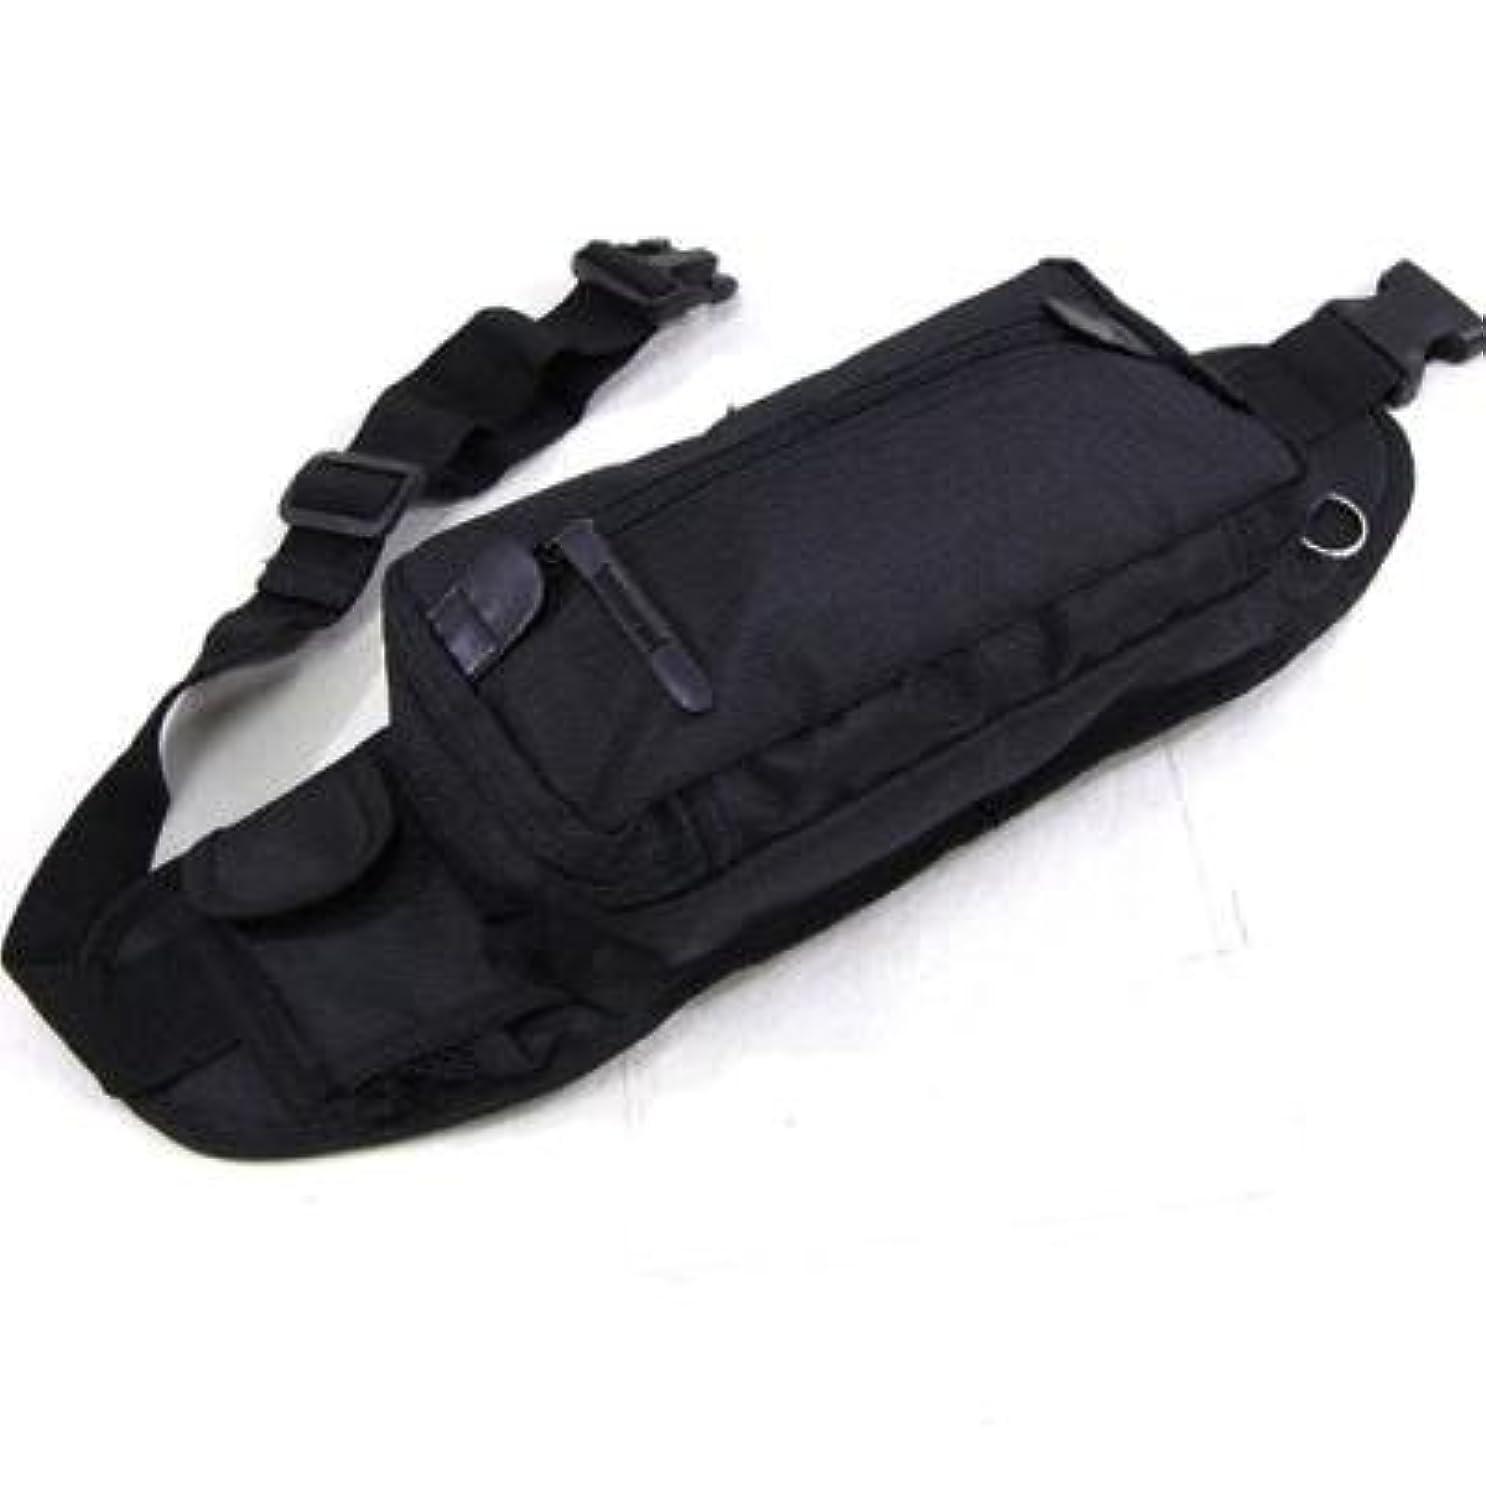 試み去る心のこもったおしゃれ/カバン ウエストポーチ メンズ 収納部がたくさんあるので細々しがちな小物を整理して収納できます 人気の 意外と大容量 UR ウエストポーチ ブラック(黒)